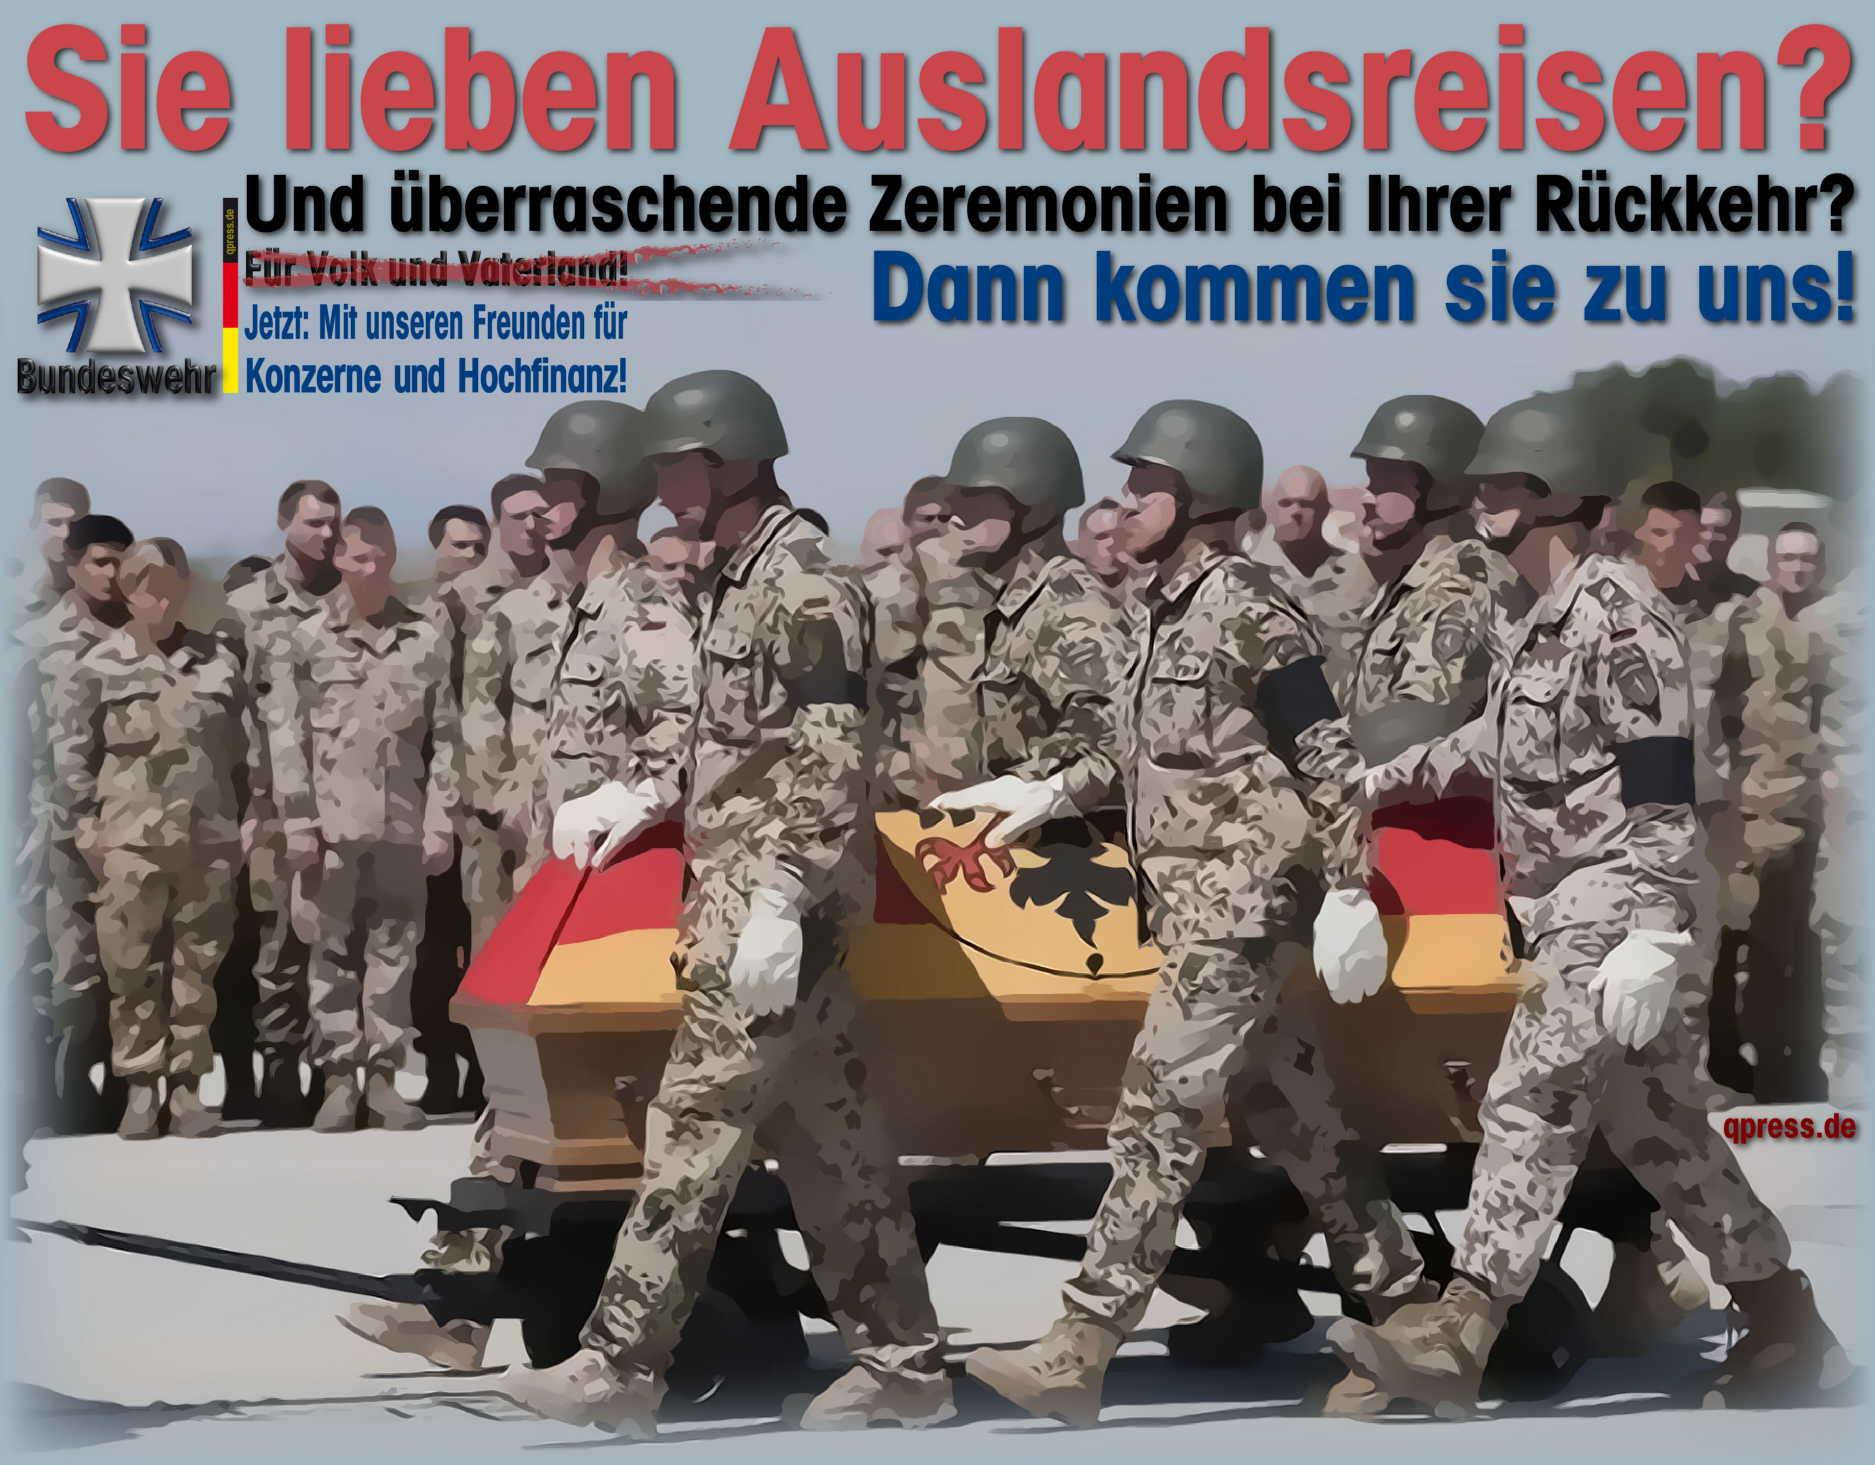 sie_lieben_auslandsreisen_bundeswehr_besondere_zeremonien_militaer_soldaten_soeldner_heer_luftwaffe